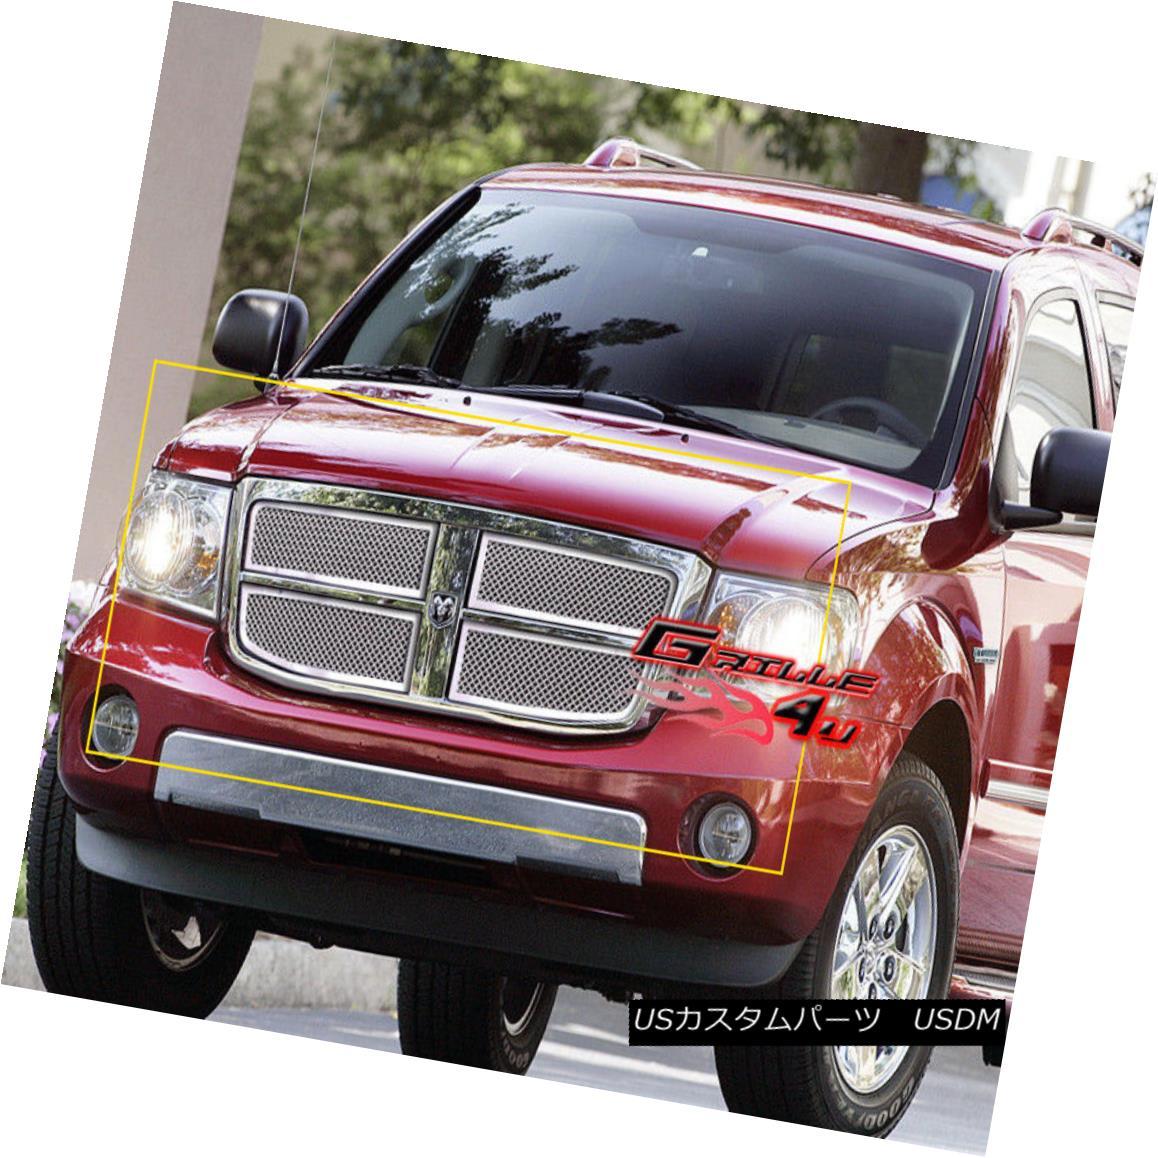 グリル For 07-10 Dodge Durango Stainless Steel Mesh Grille Insert 07-10 Dodge Durangoステンレスメッシュグリルインサート